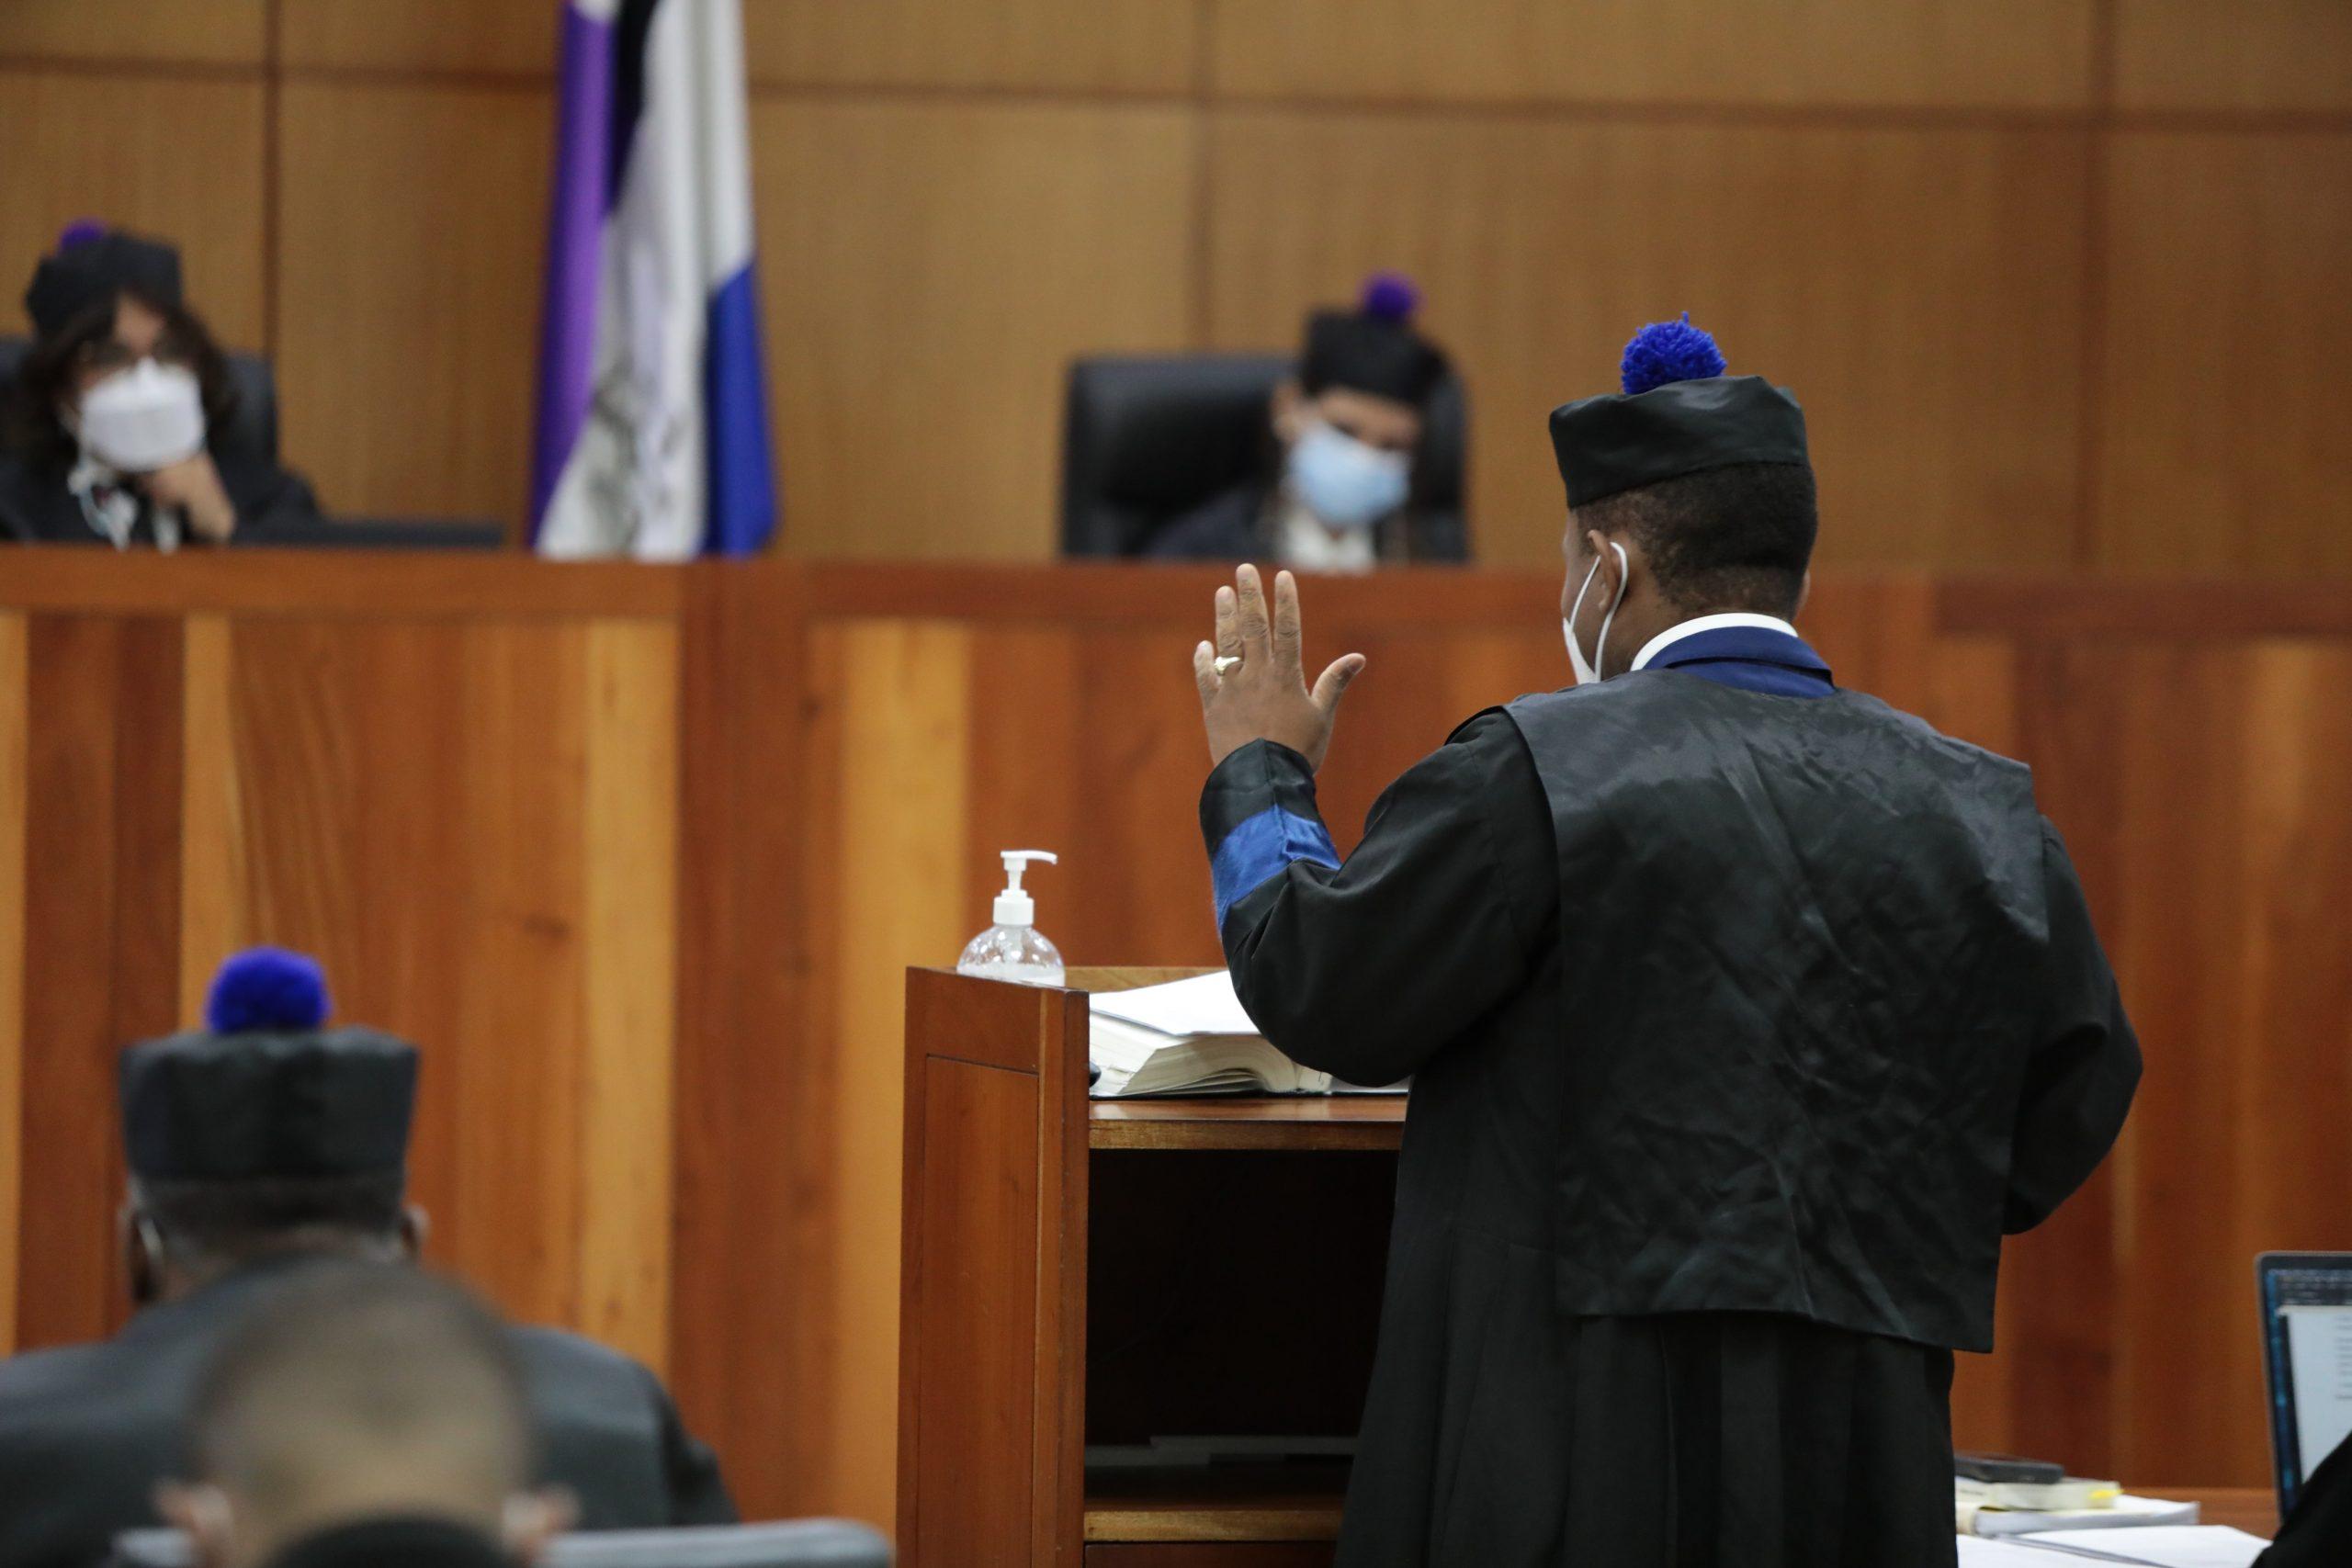 La Pepca muestra al tribunal el enorme aumento ilícito del patrimonio de Víctor Díaz Rúa en juicio de fondo del Caso Odebrecht